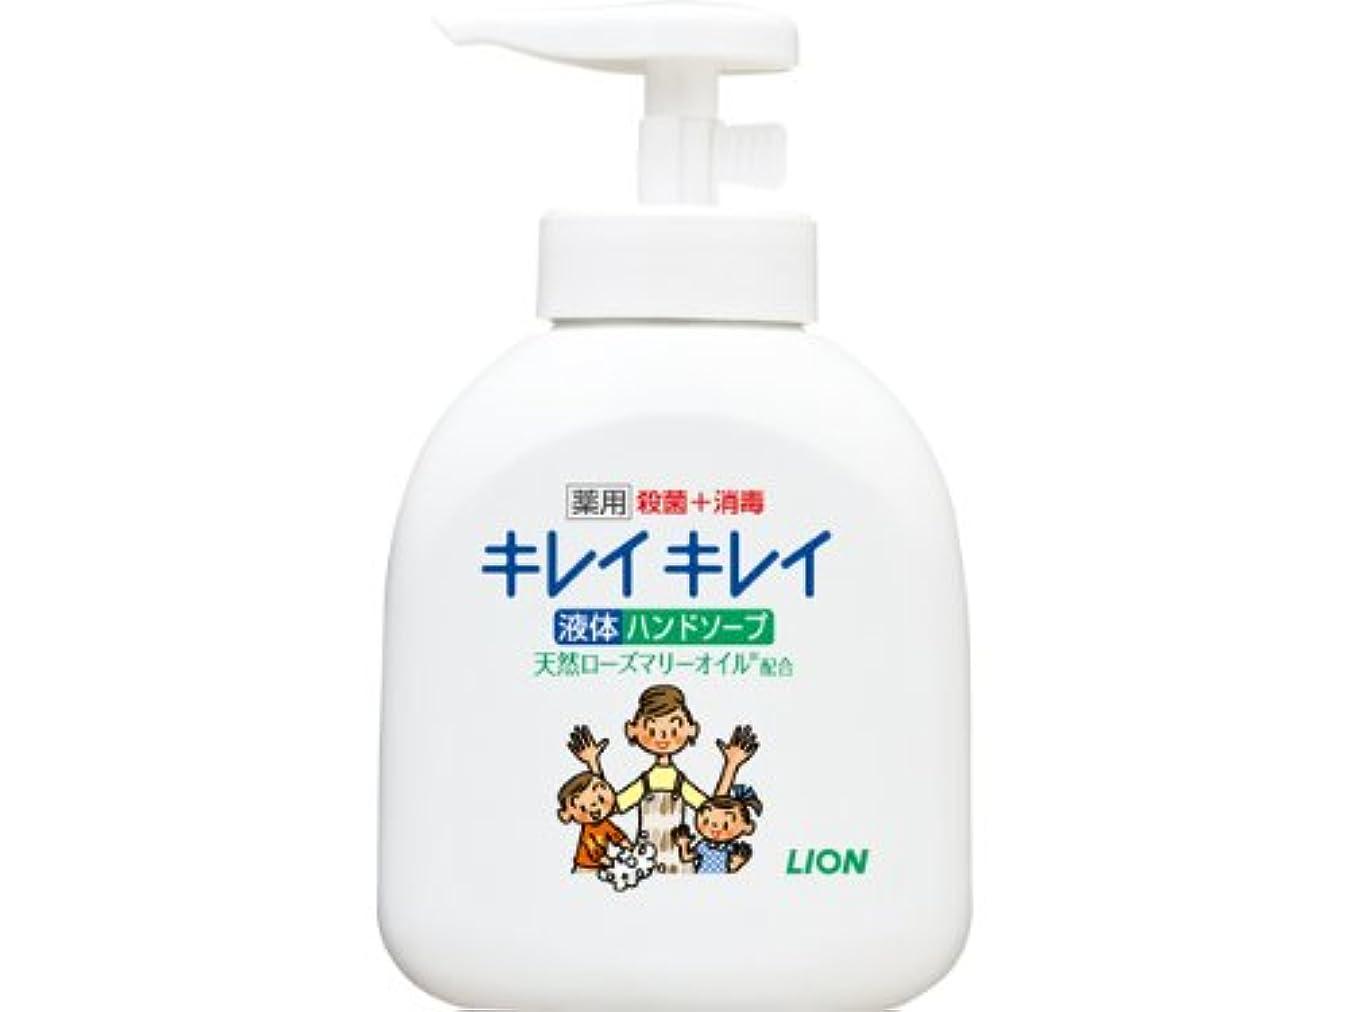 全能ナプキンプロフィールキレイキレイ 薬用 液体ハンドソープ 本体ポンプ 250ml (医薬部外品)